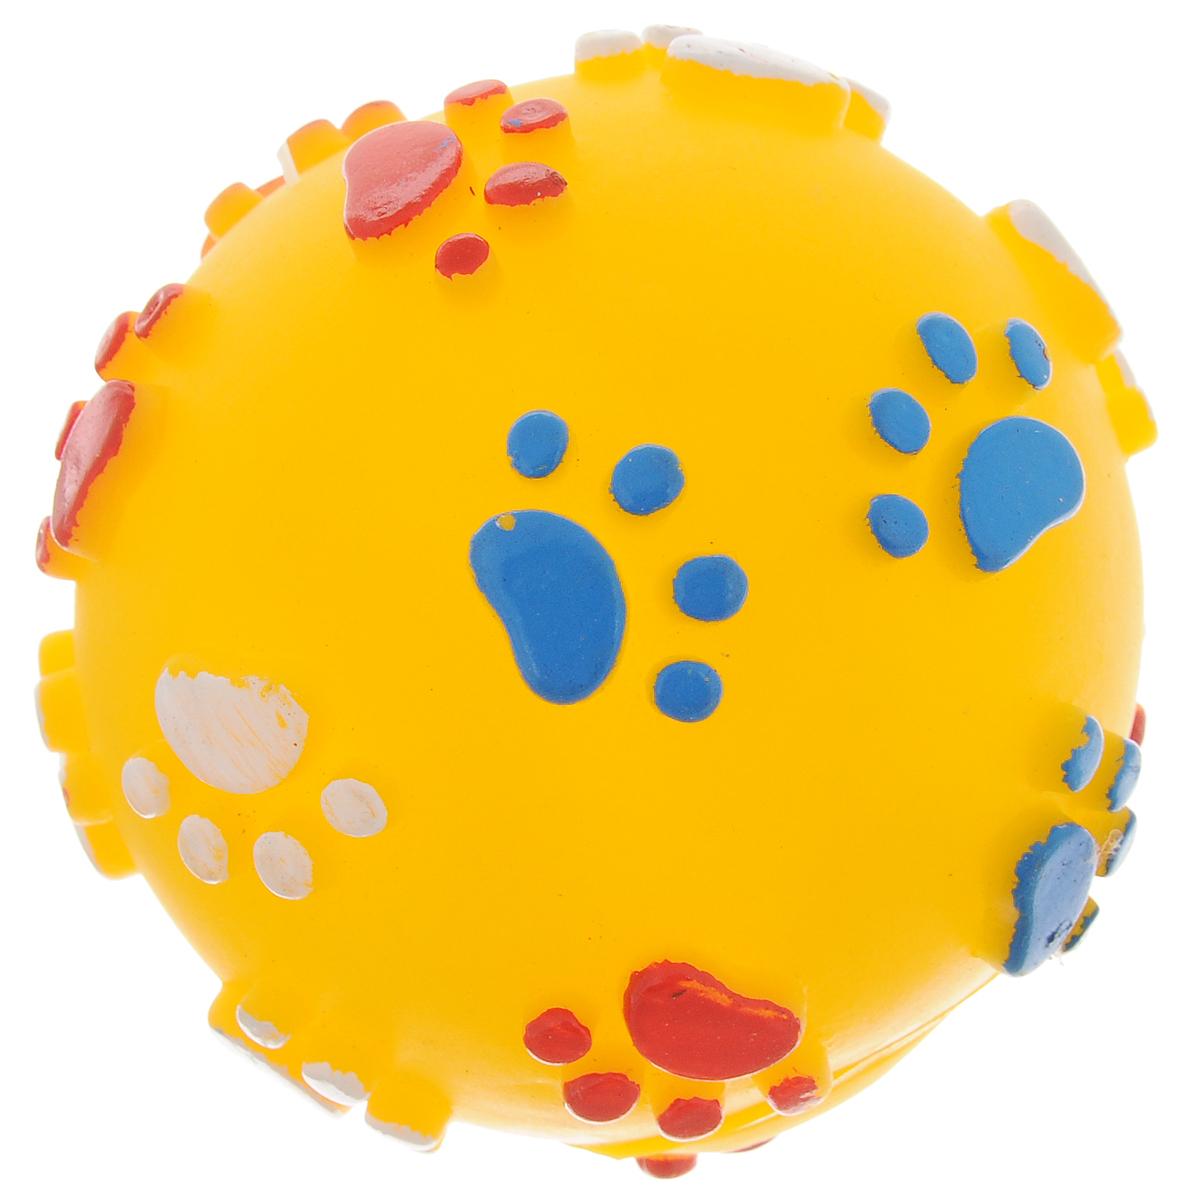 Игрушка для собак Каскад Мяч. Лапки, цвет: желтый, диаметр 7 см27754624Игрушка для собак Каскад Мяч. Лапки изготовлена из мягкой и прочной безопасной резины, устойчивой к разгрызанию. Игрушка снабжена пищалкой и украшена рельефом в виде разноцветных лапок. Изделие отличается прочностью и в то же время гибкостью и эластичностью. Необычная и забавная игрушка прекрасно подойдет для игр вашей собаки.